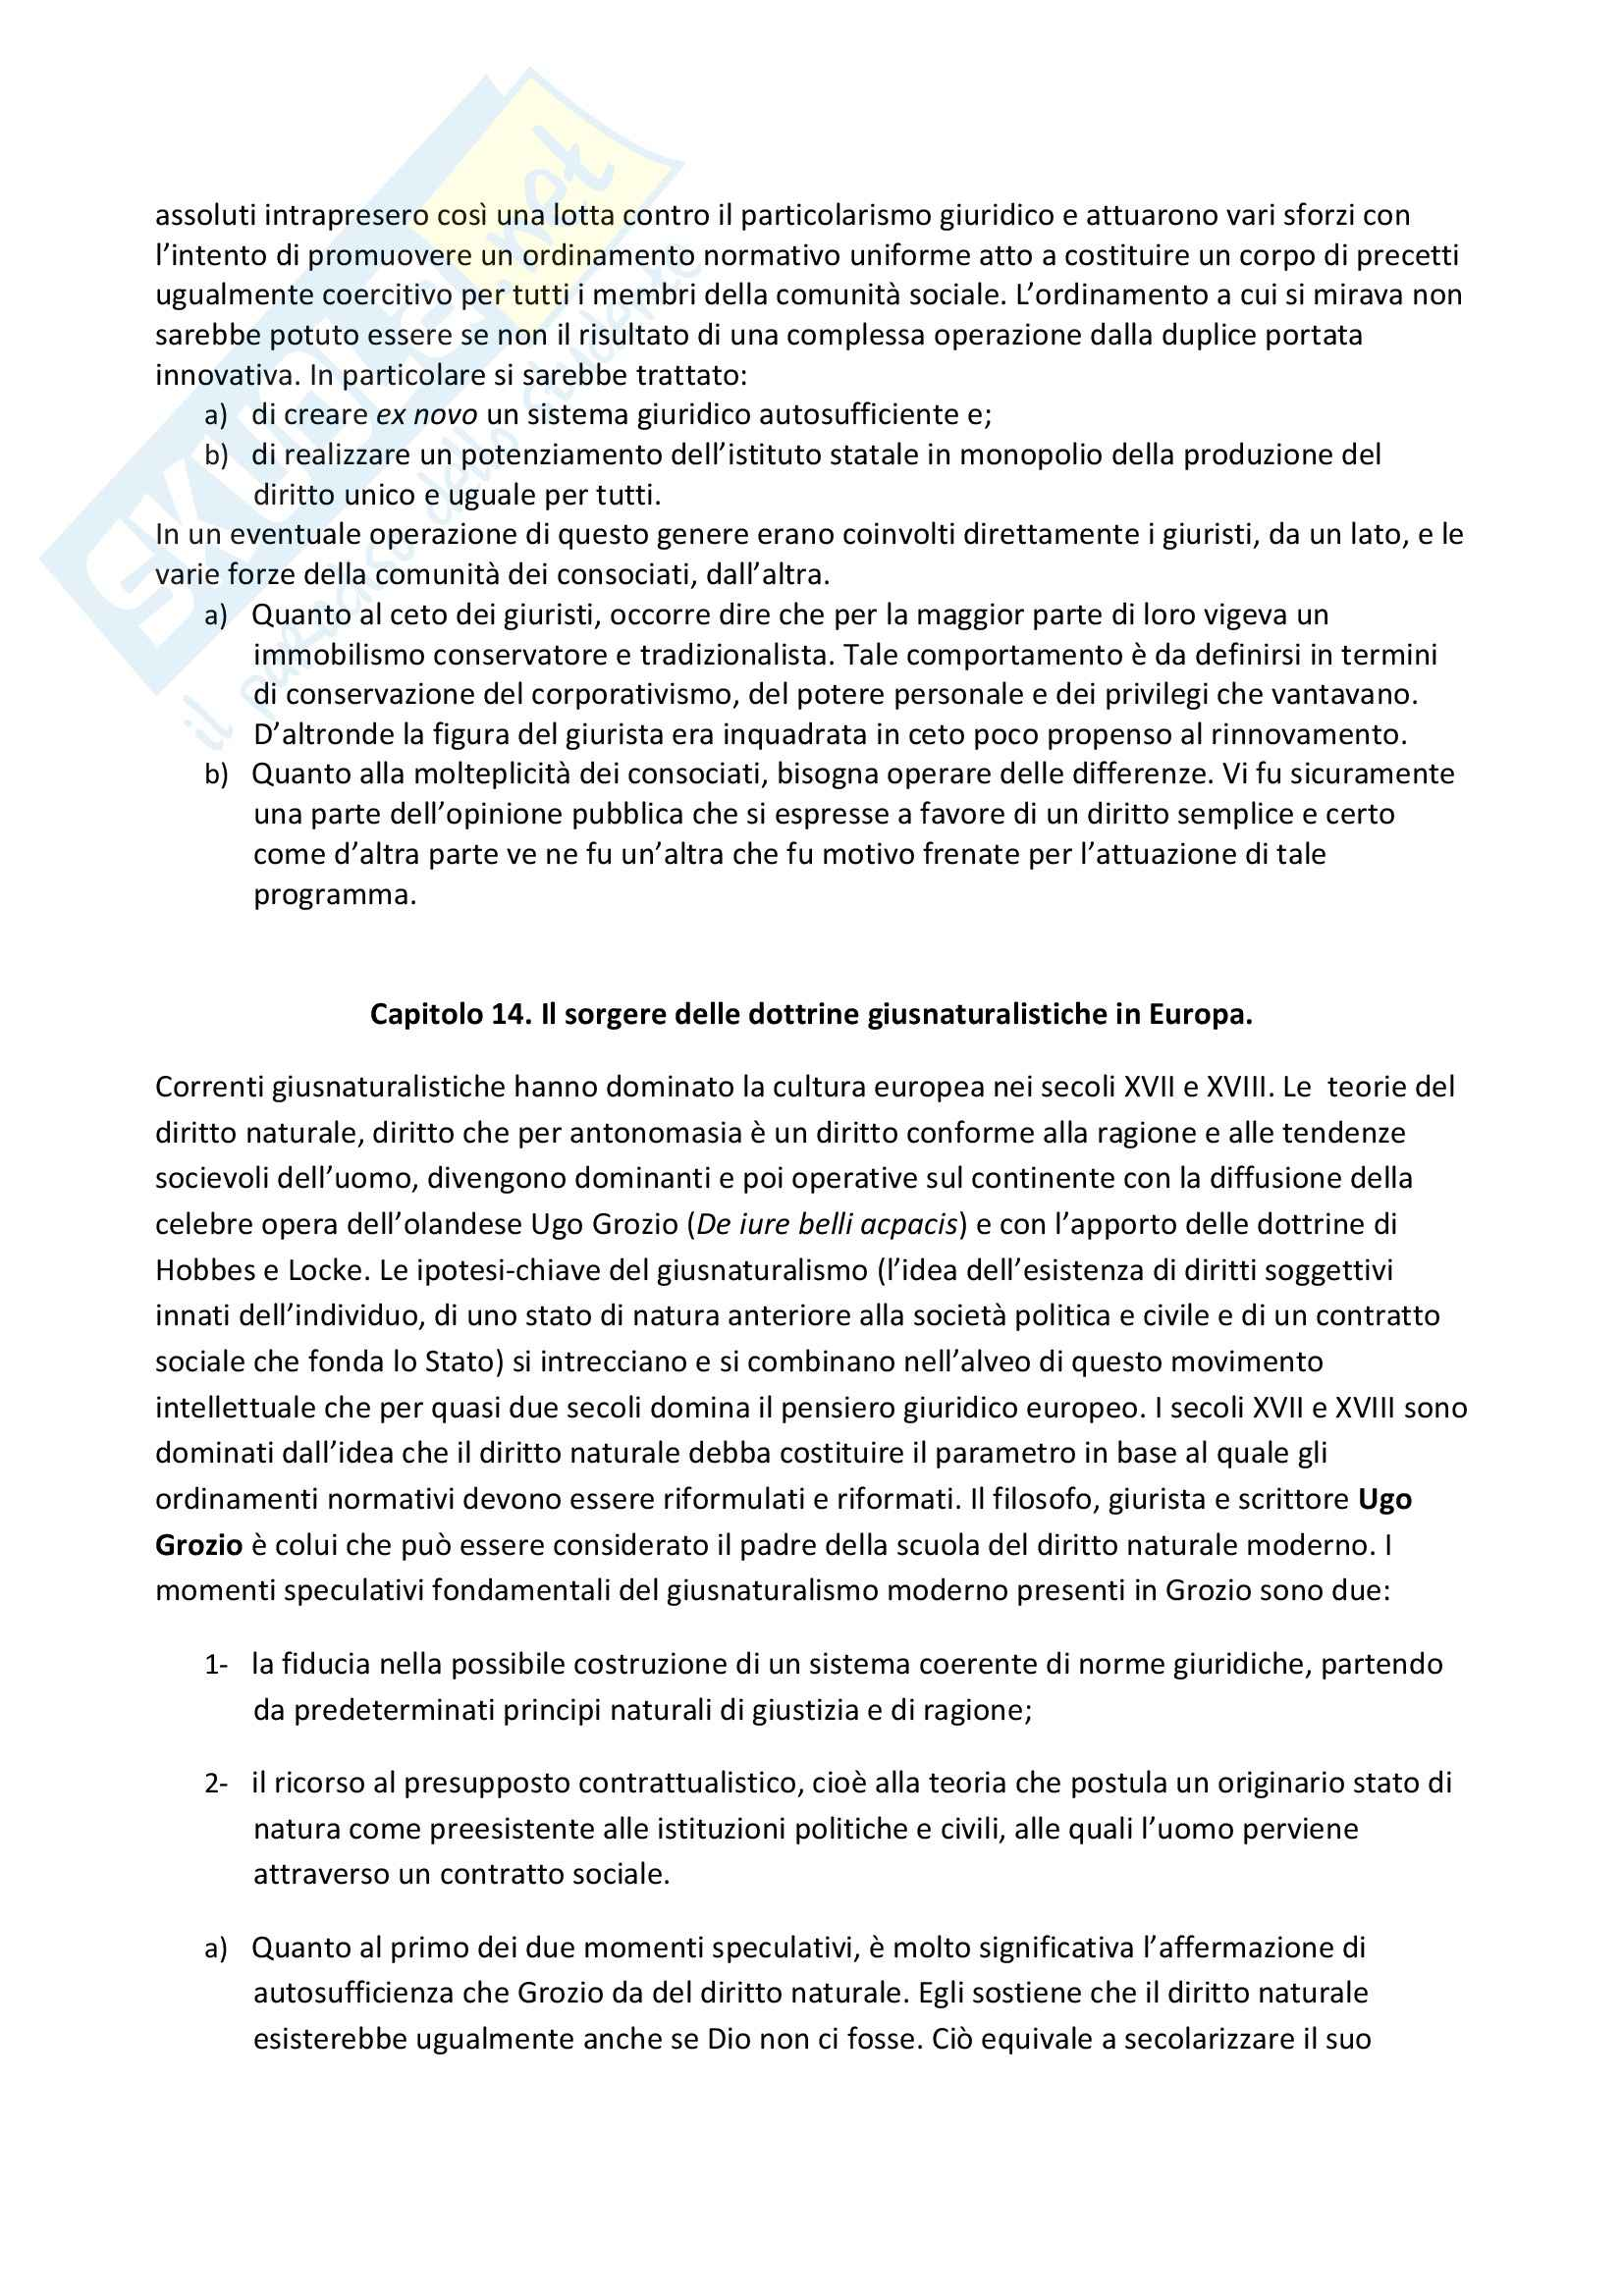 Riassunto esame Storia del diritto, libro adottato  Storia del diritto moderno in Europa: le fonti e il pensiero giuridico I, Cavanna Pag. 11